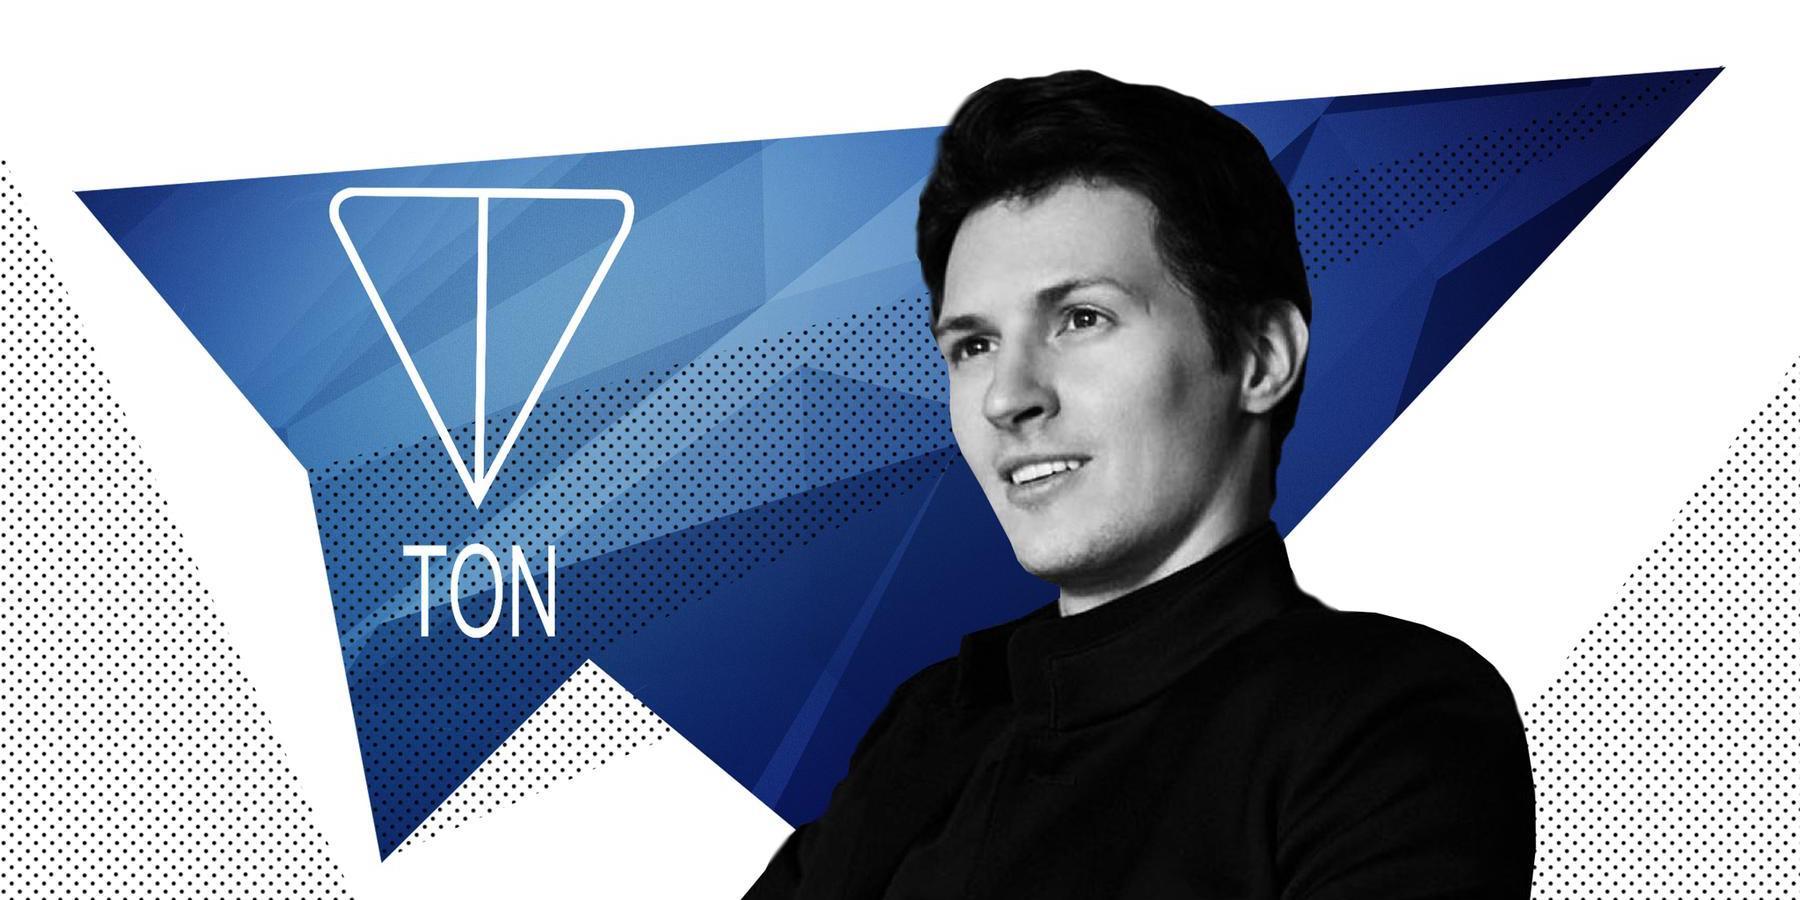 Павел Дуров предложил подождать инвесторам полгода или вернуть 77% вложений